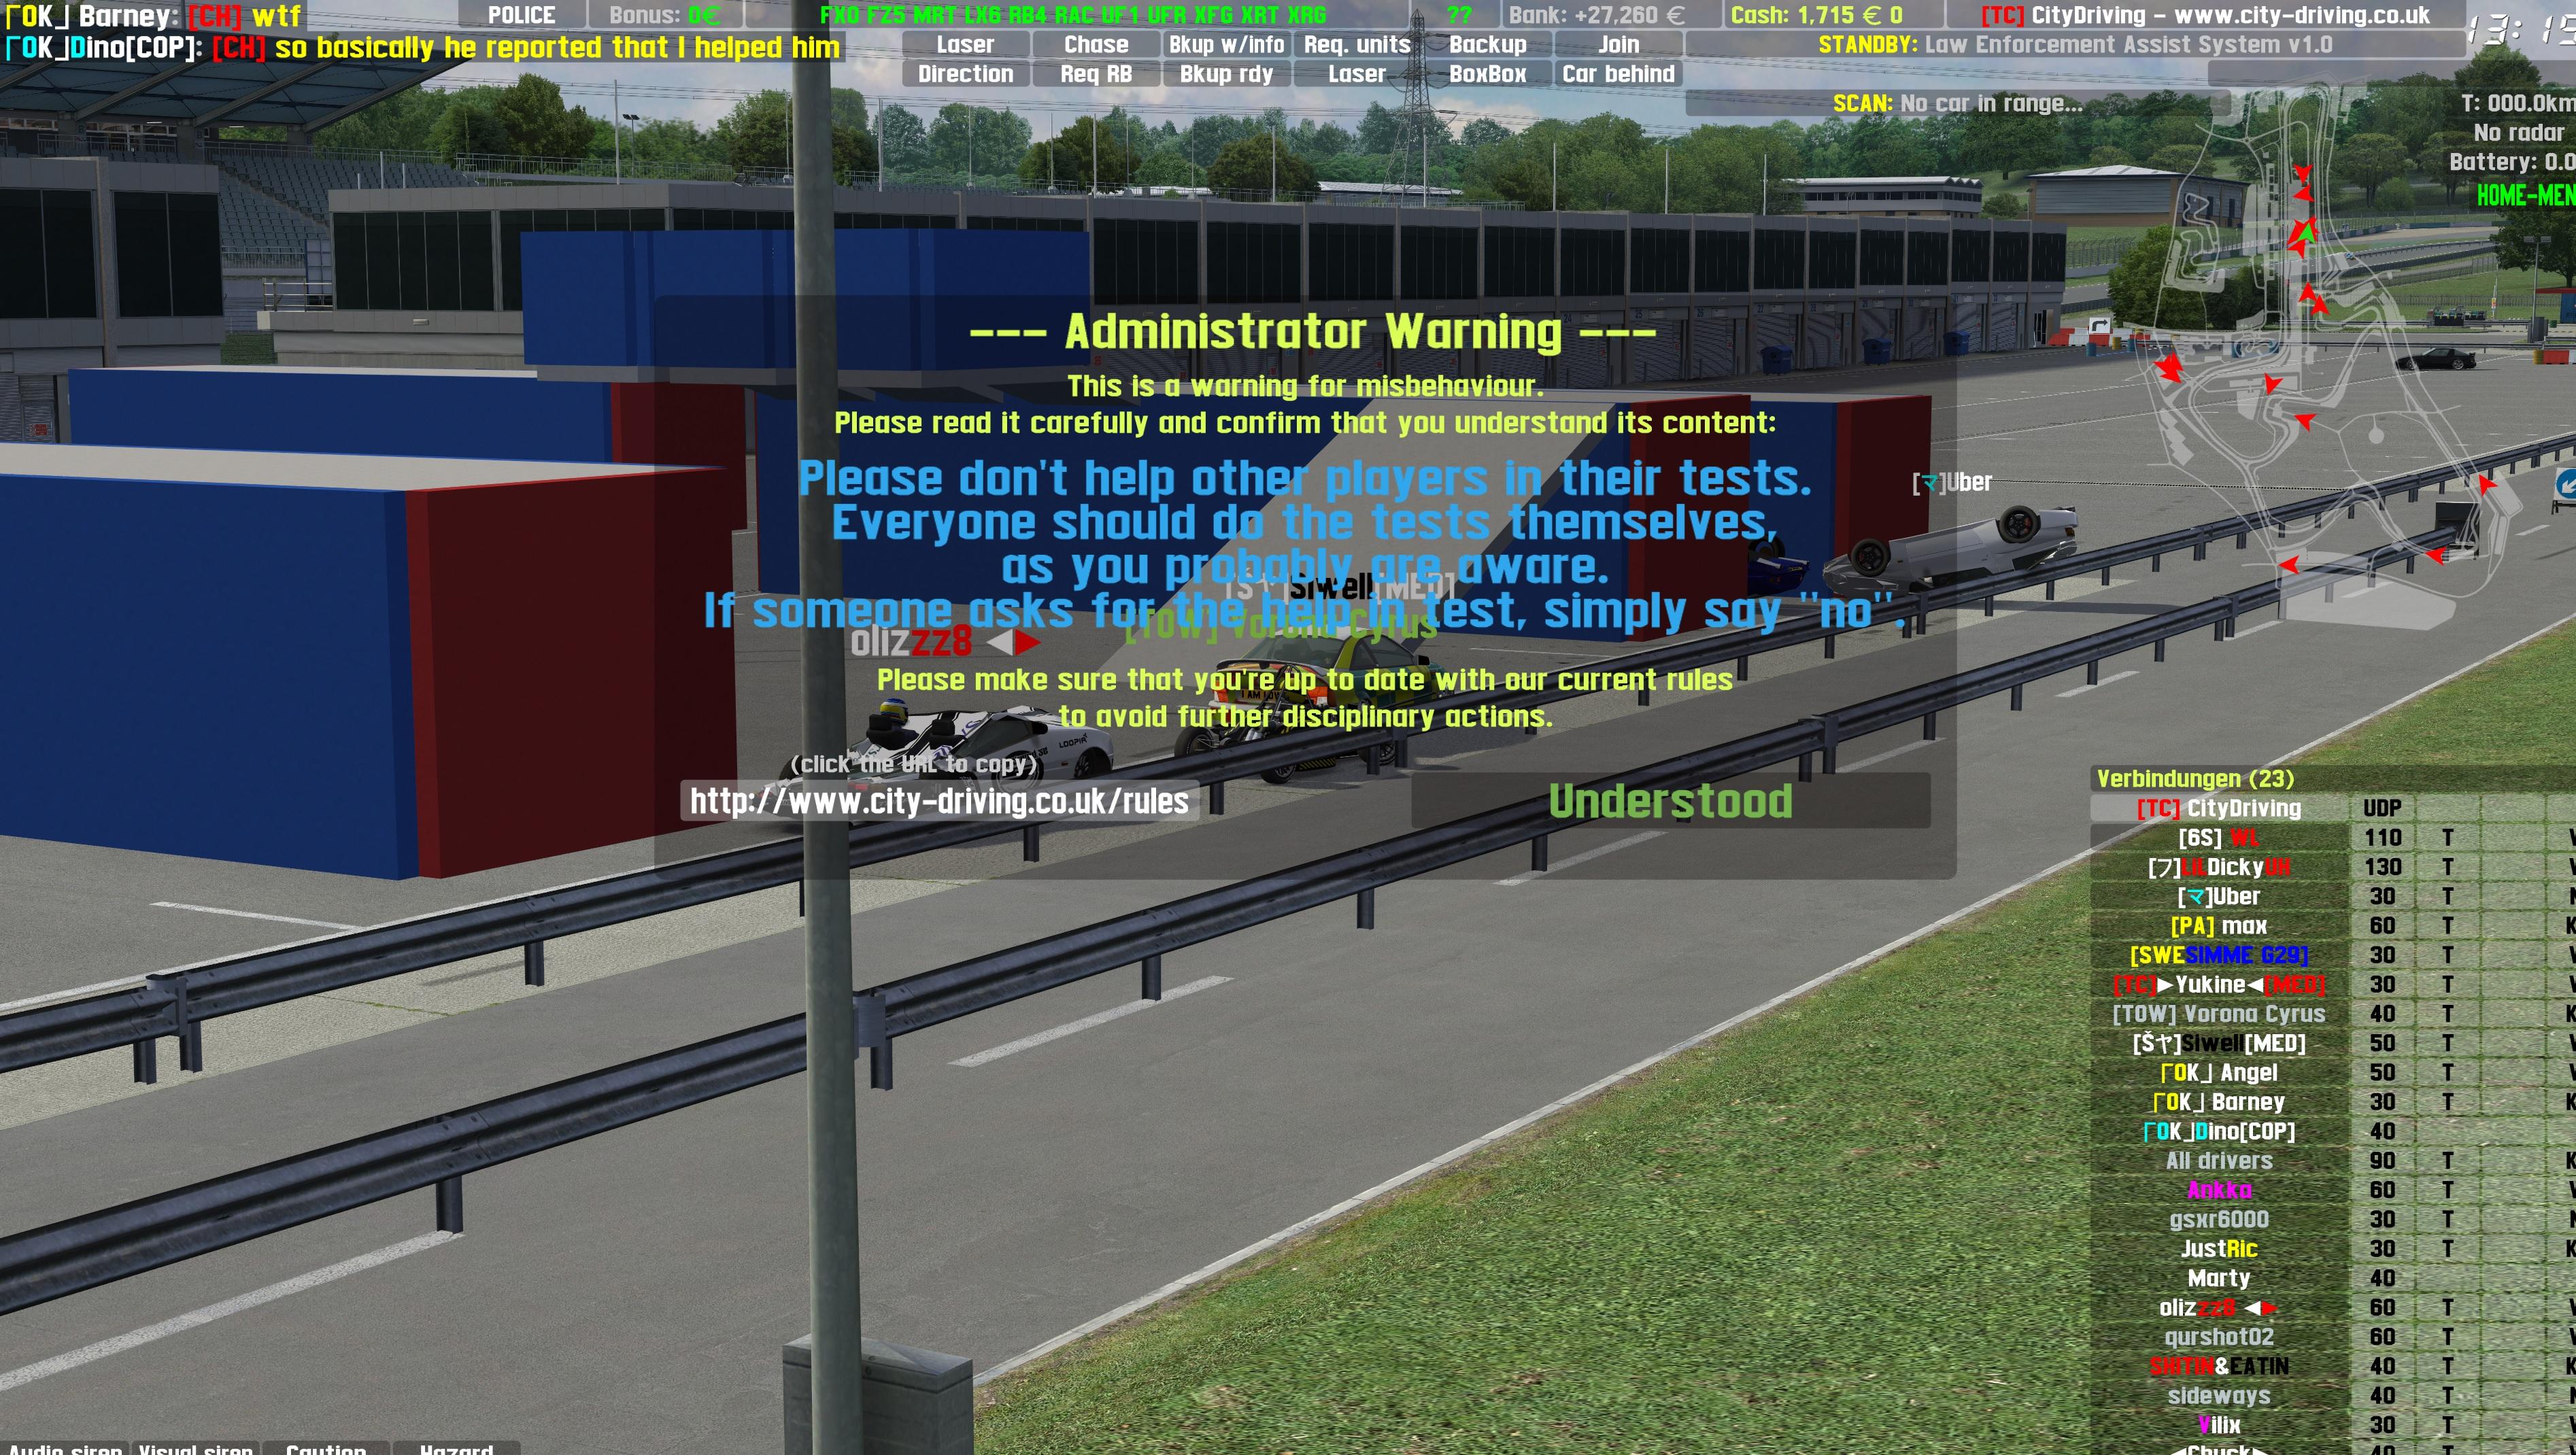 [Image: 5eb7ed221c1b0-warning.jpg]